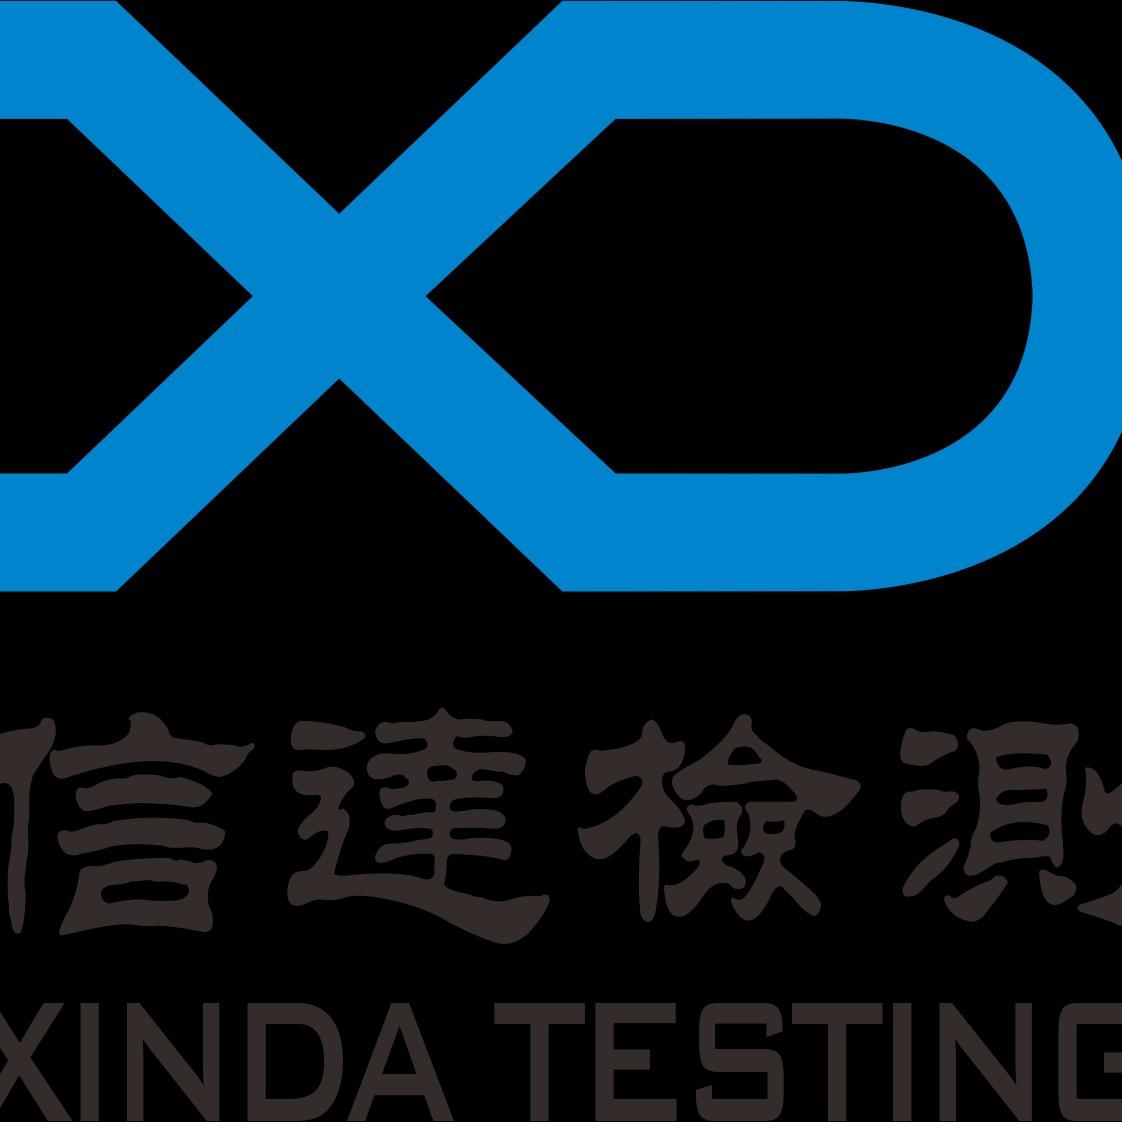 重庆信达工程检测技术有限公司